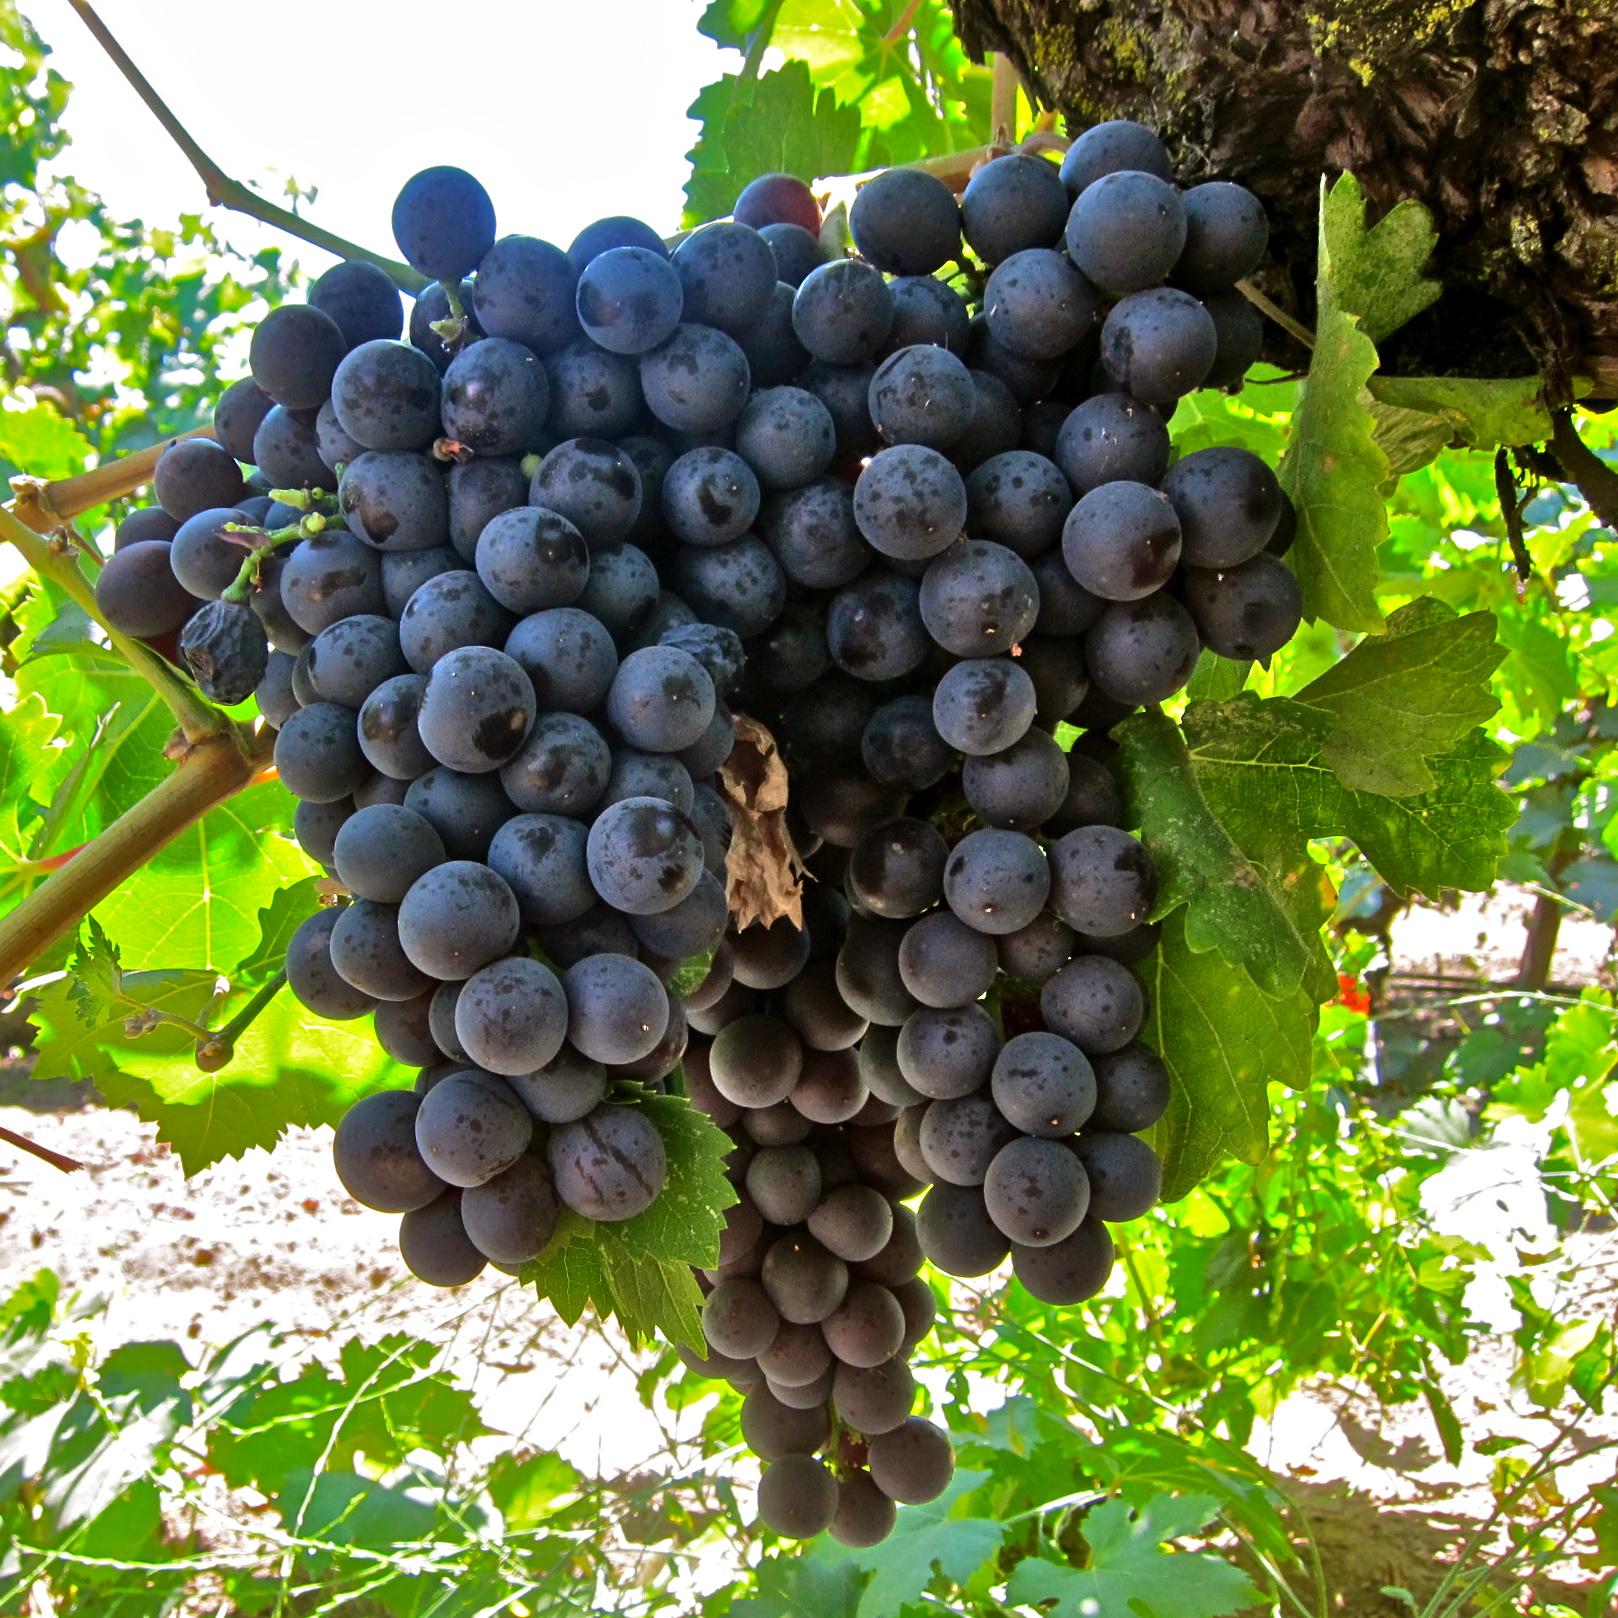 انگور سیاه (مویز): از خواص بی نظیر انگور سیاه غافل نشوید